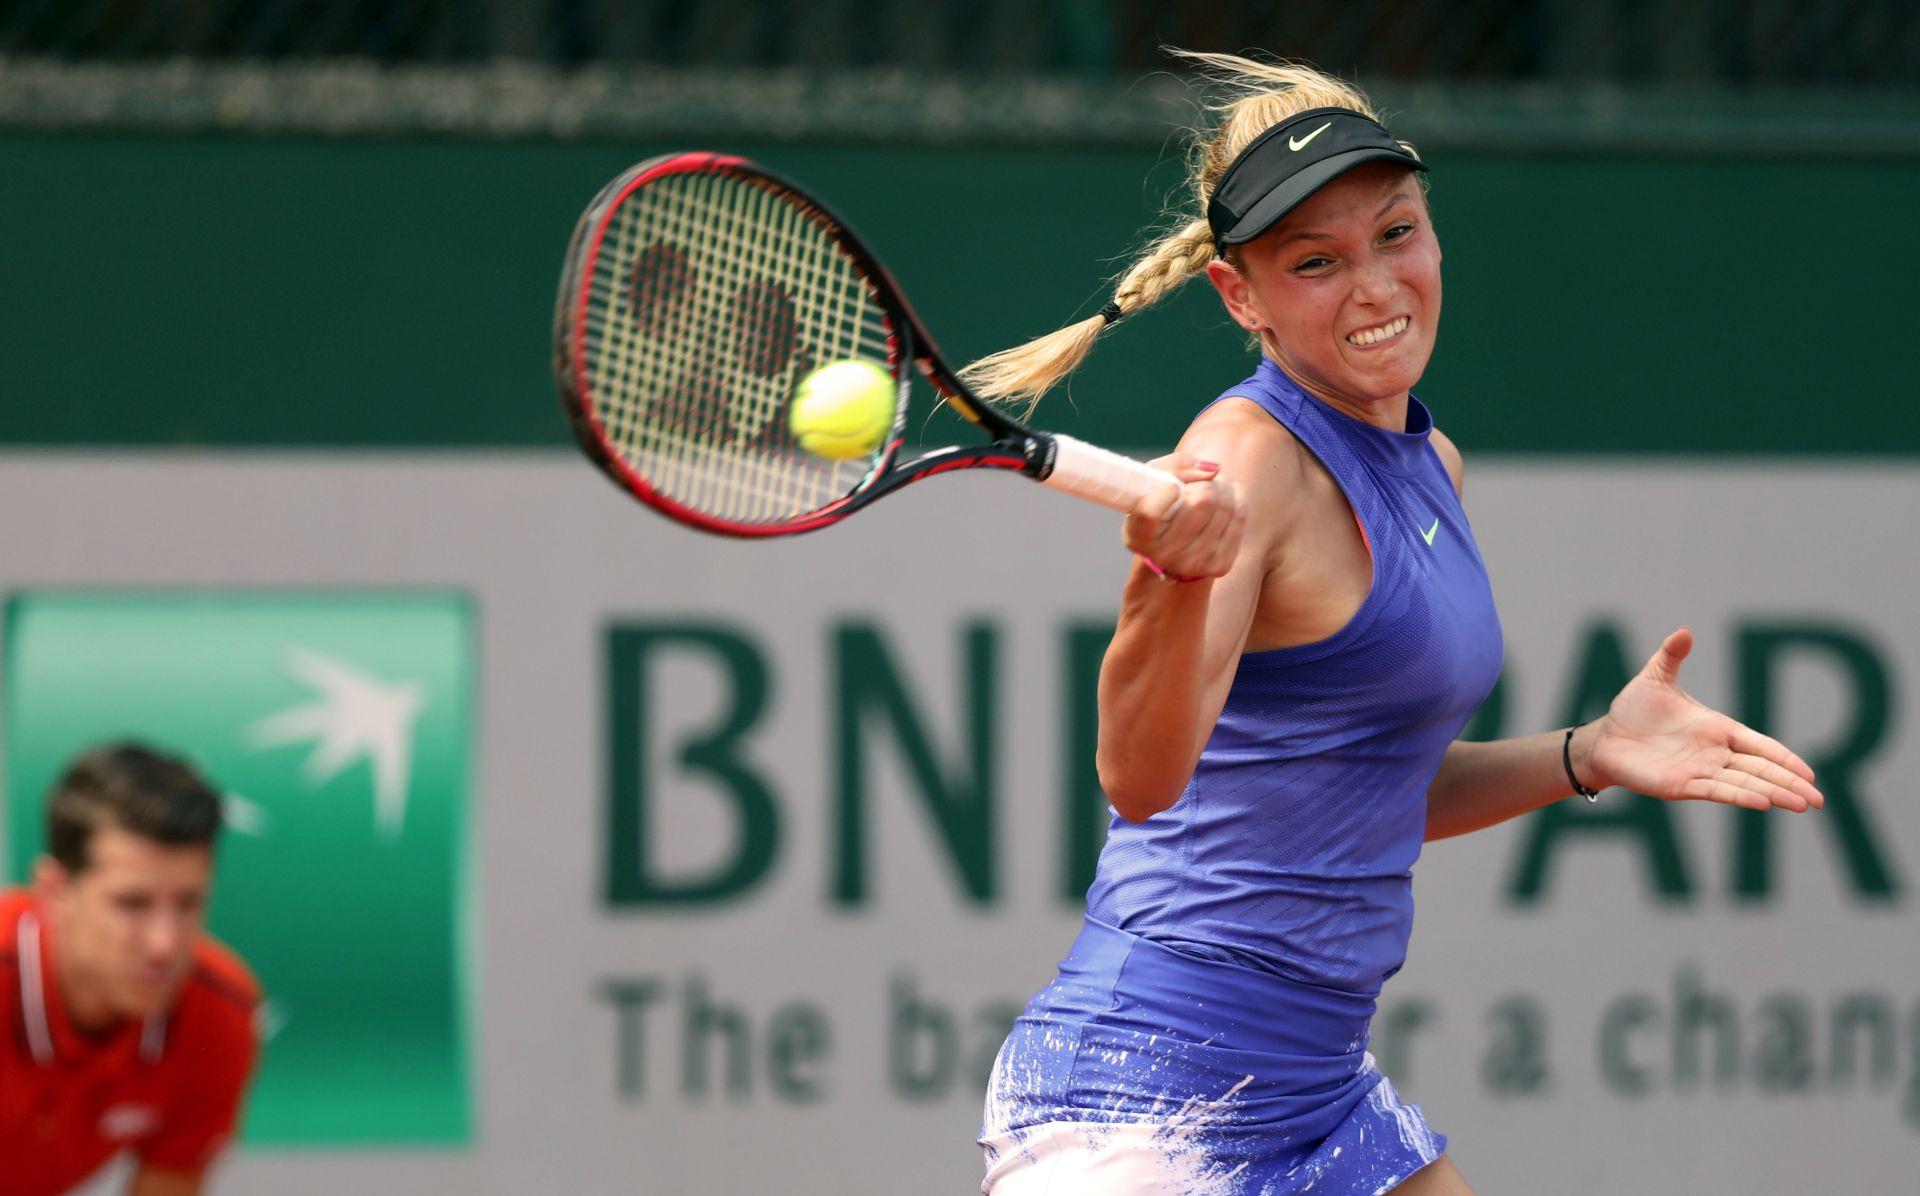 WTA LJESTVICA Povratak Donne Vekić u Top 50